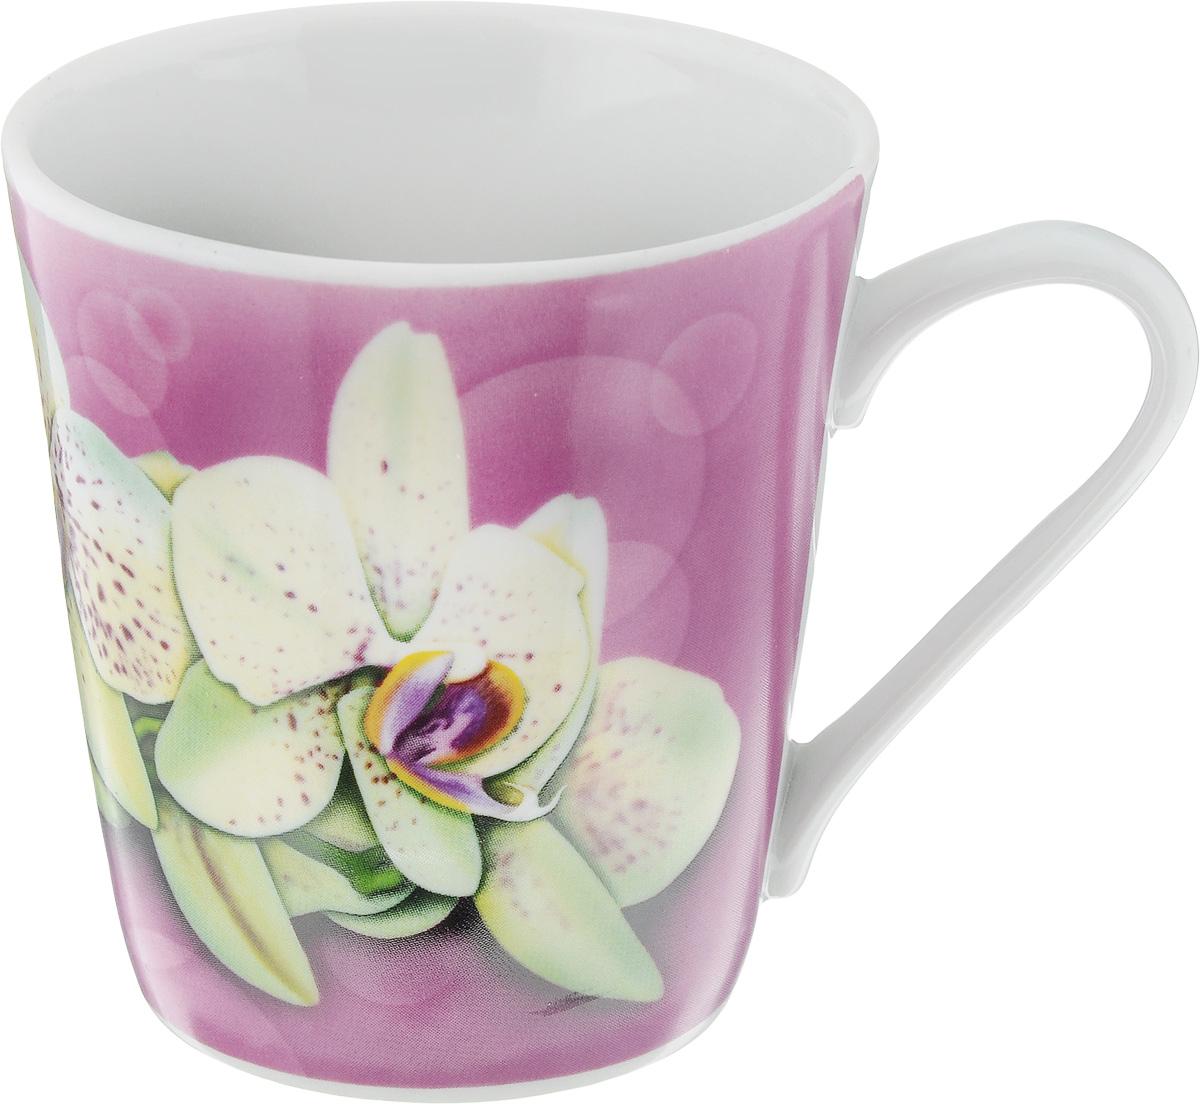 Кружка Классик. Орхидея, цвет: розовый, белый, 300 мл115510Кружка Классик. Орхидея изготовлена из высококачественного фарфора. Изделие оформлено красочным рисунком и покрыто превосходной сверкающей глазурью. Изысканная кружка прекрасно оформит стол к чаепитию и станет его неизменным атрибутом.Диаметр кружки (по верхнему краю): 9 см.Высота кружки: 9,5 см.